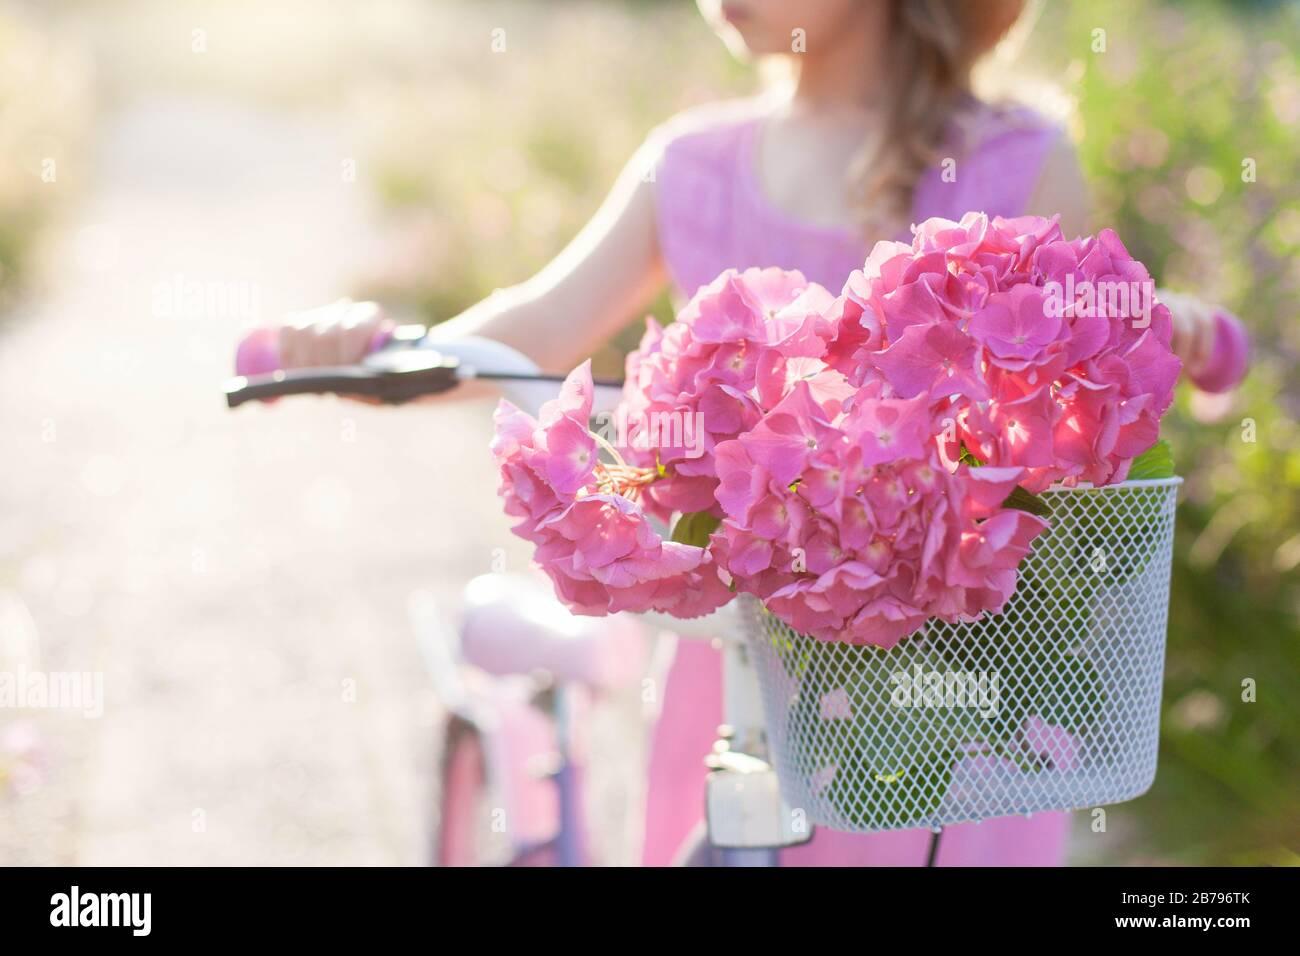 Fiori rosa di hydrangea in cestino di bicicletta al tramonto. La bambina sta girando in bicicletta con il bouquet. Il bambino sta godendo le vacanze Foto Stock